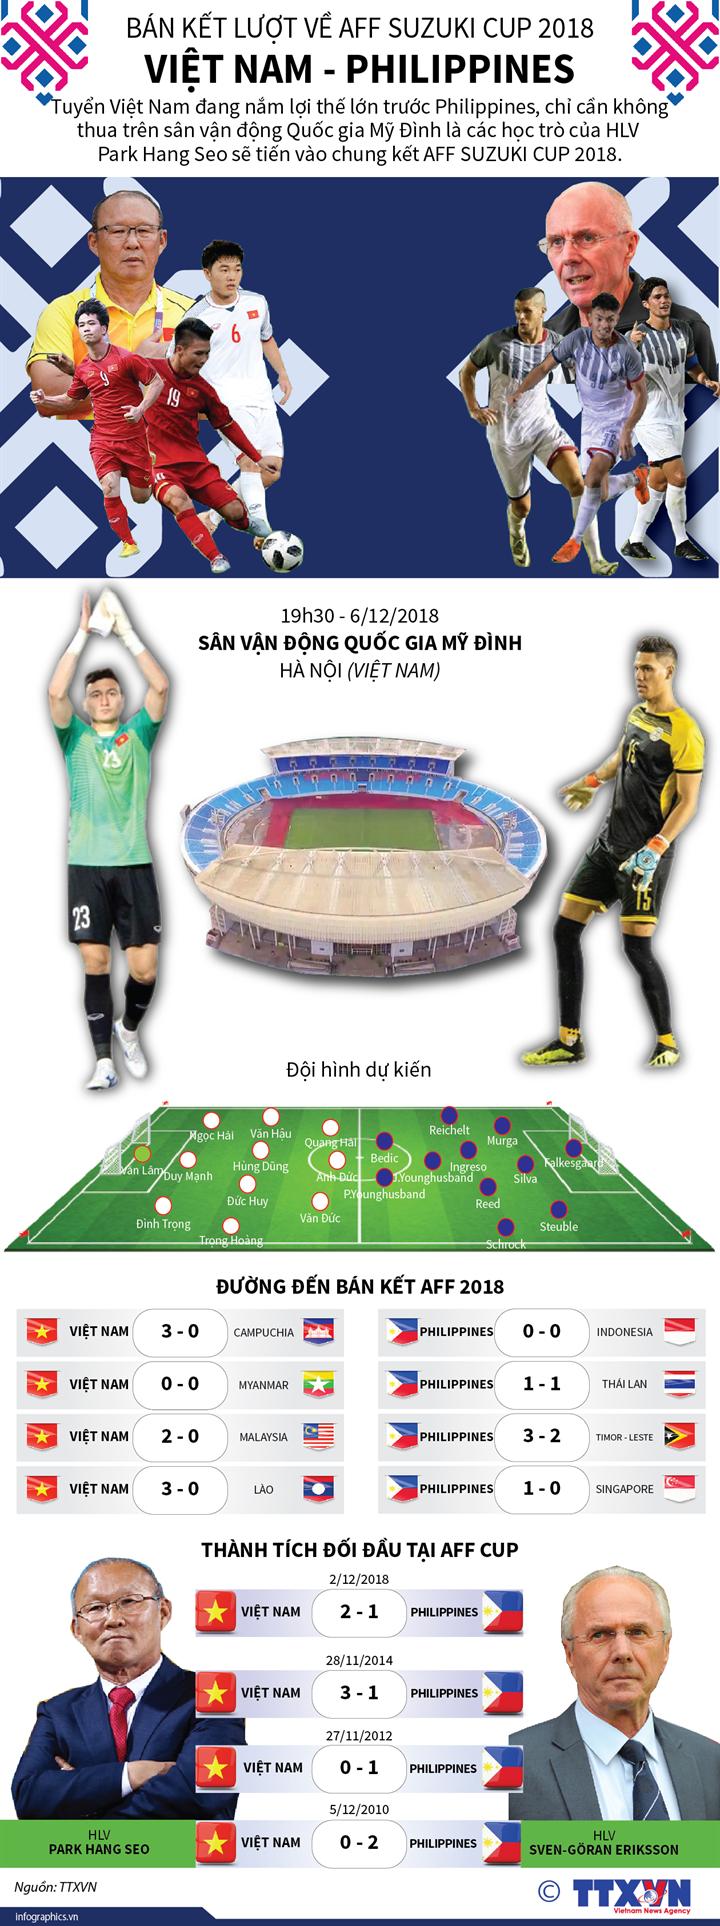 Bán kết lượt về AFF Suzuki Cup 2018: Việt Nam - Philippines